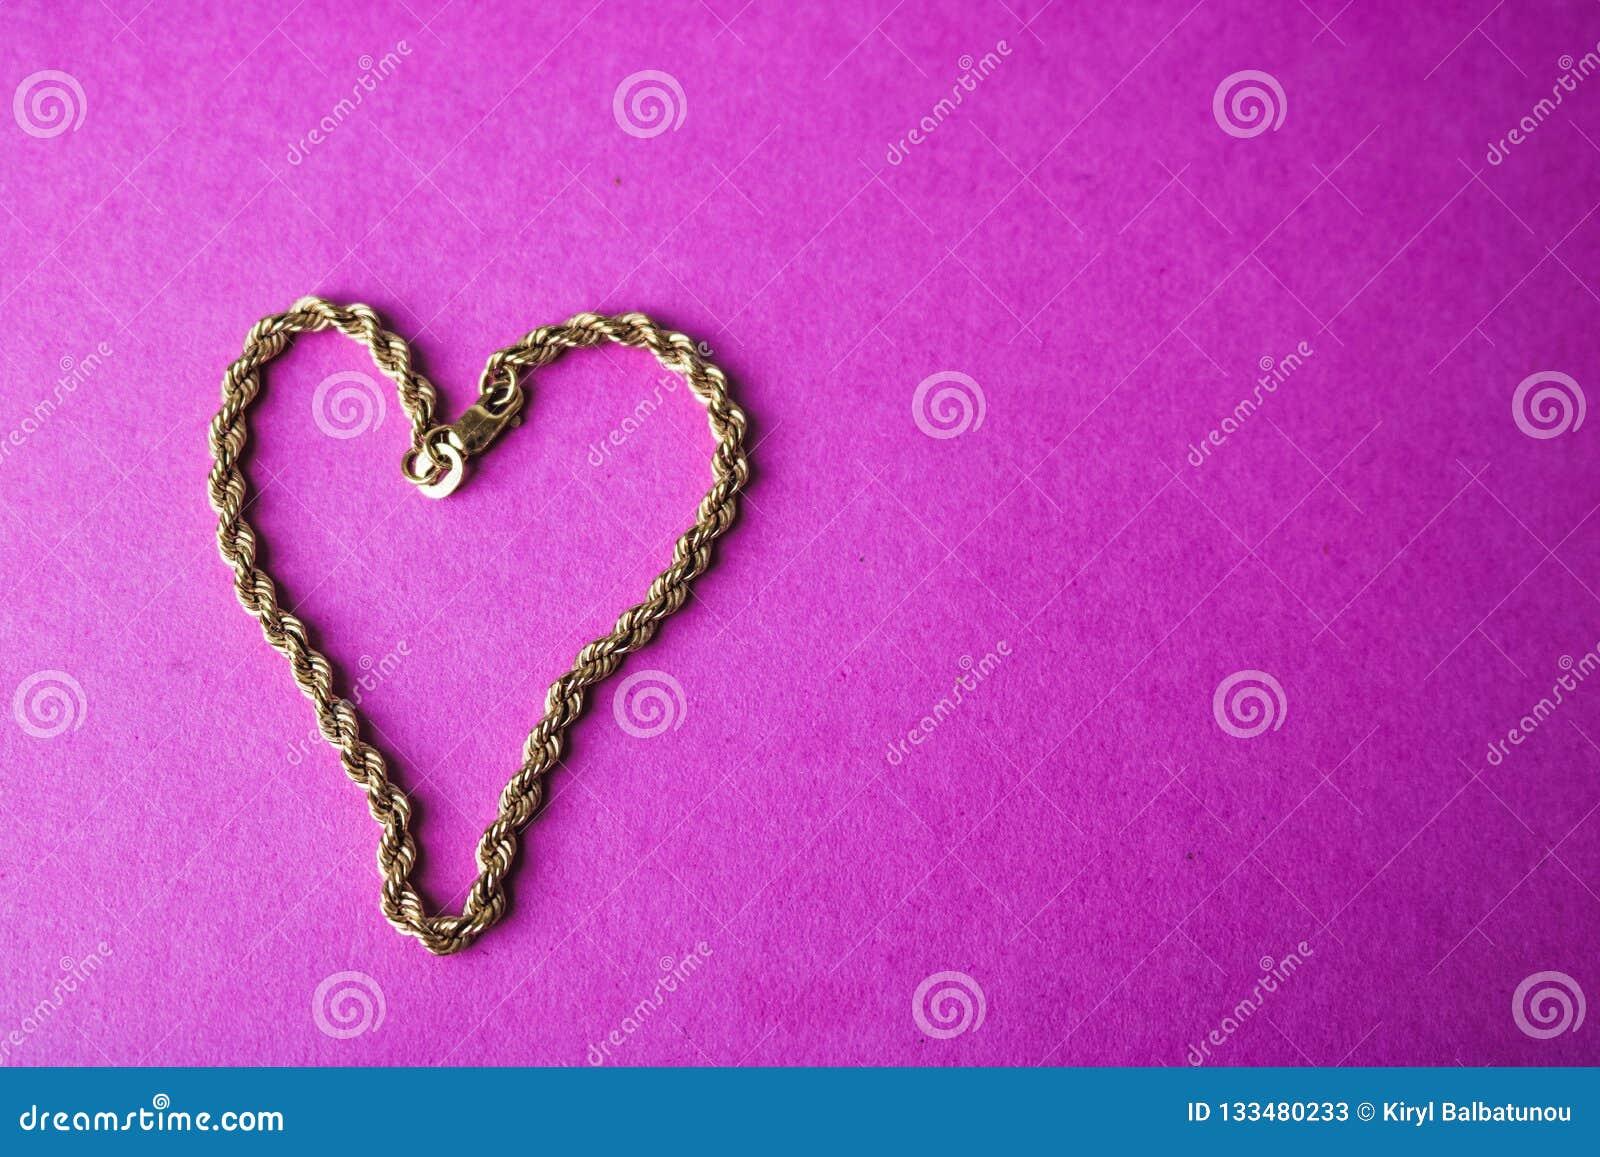 Textuur van het mooie gouden feestelijke ketting unieke weven in de vorm van een hart op een roze purpere ruimte als achtergrond